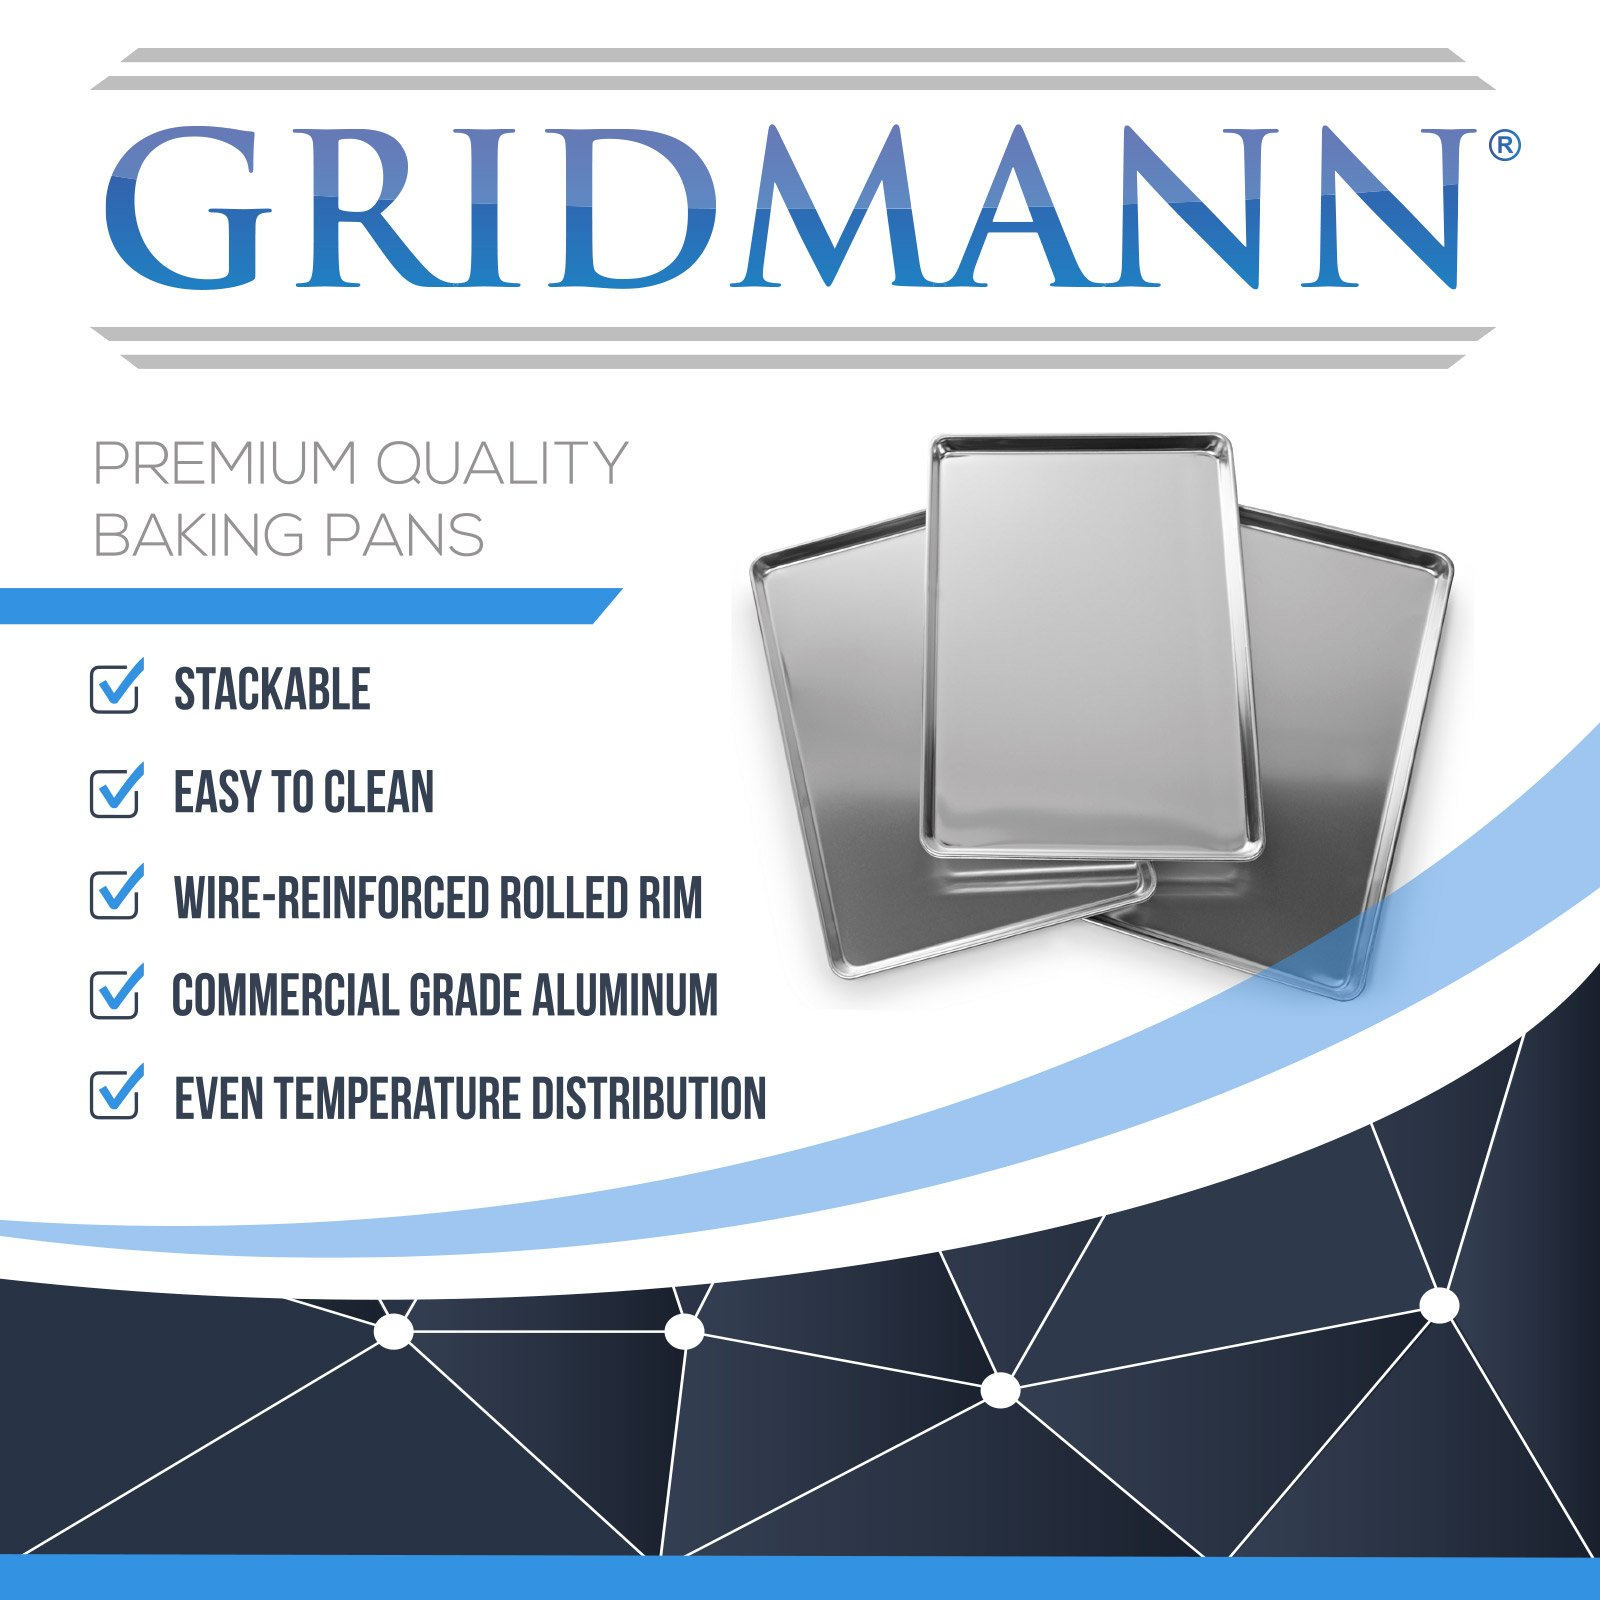 Gridmann 18 x 26 Commercial Grade Aluminium Cookie Sheet Baking Tray Pan Full Sheet - 12 Pans by Gridmann (Image #8)